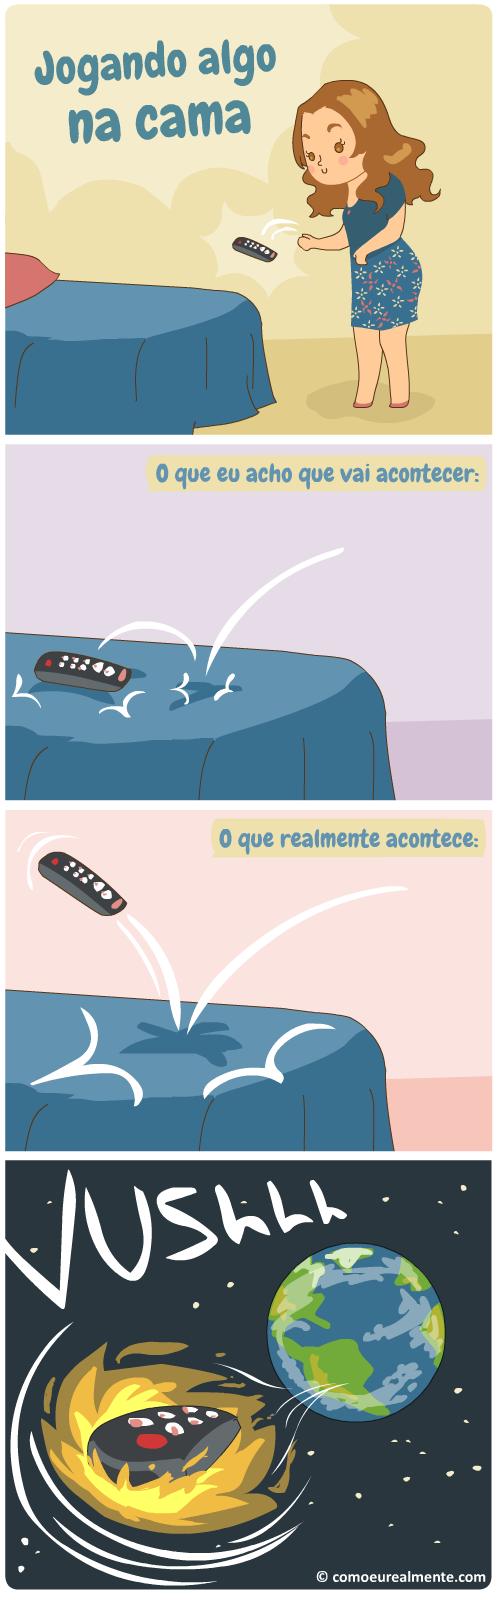 O que realmente acontece quando jogo algum objeto, como meu celular, em cima da cama